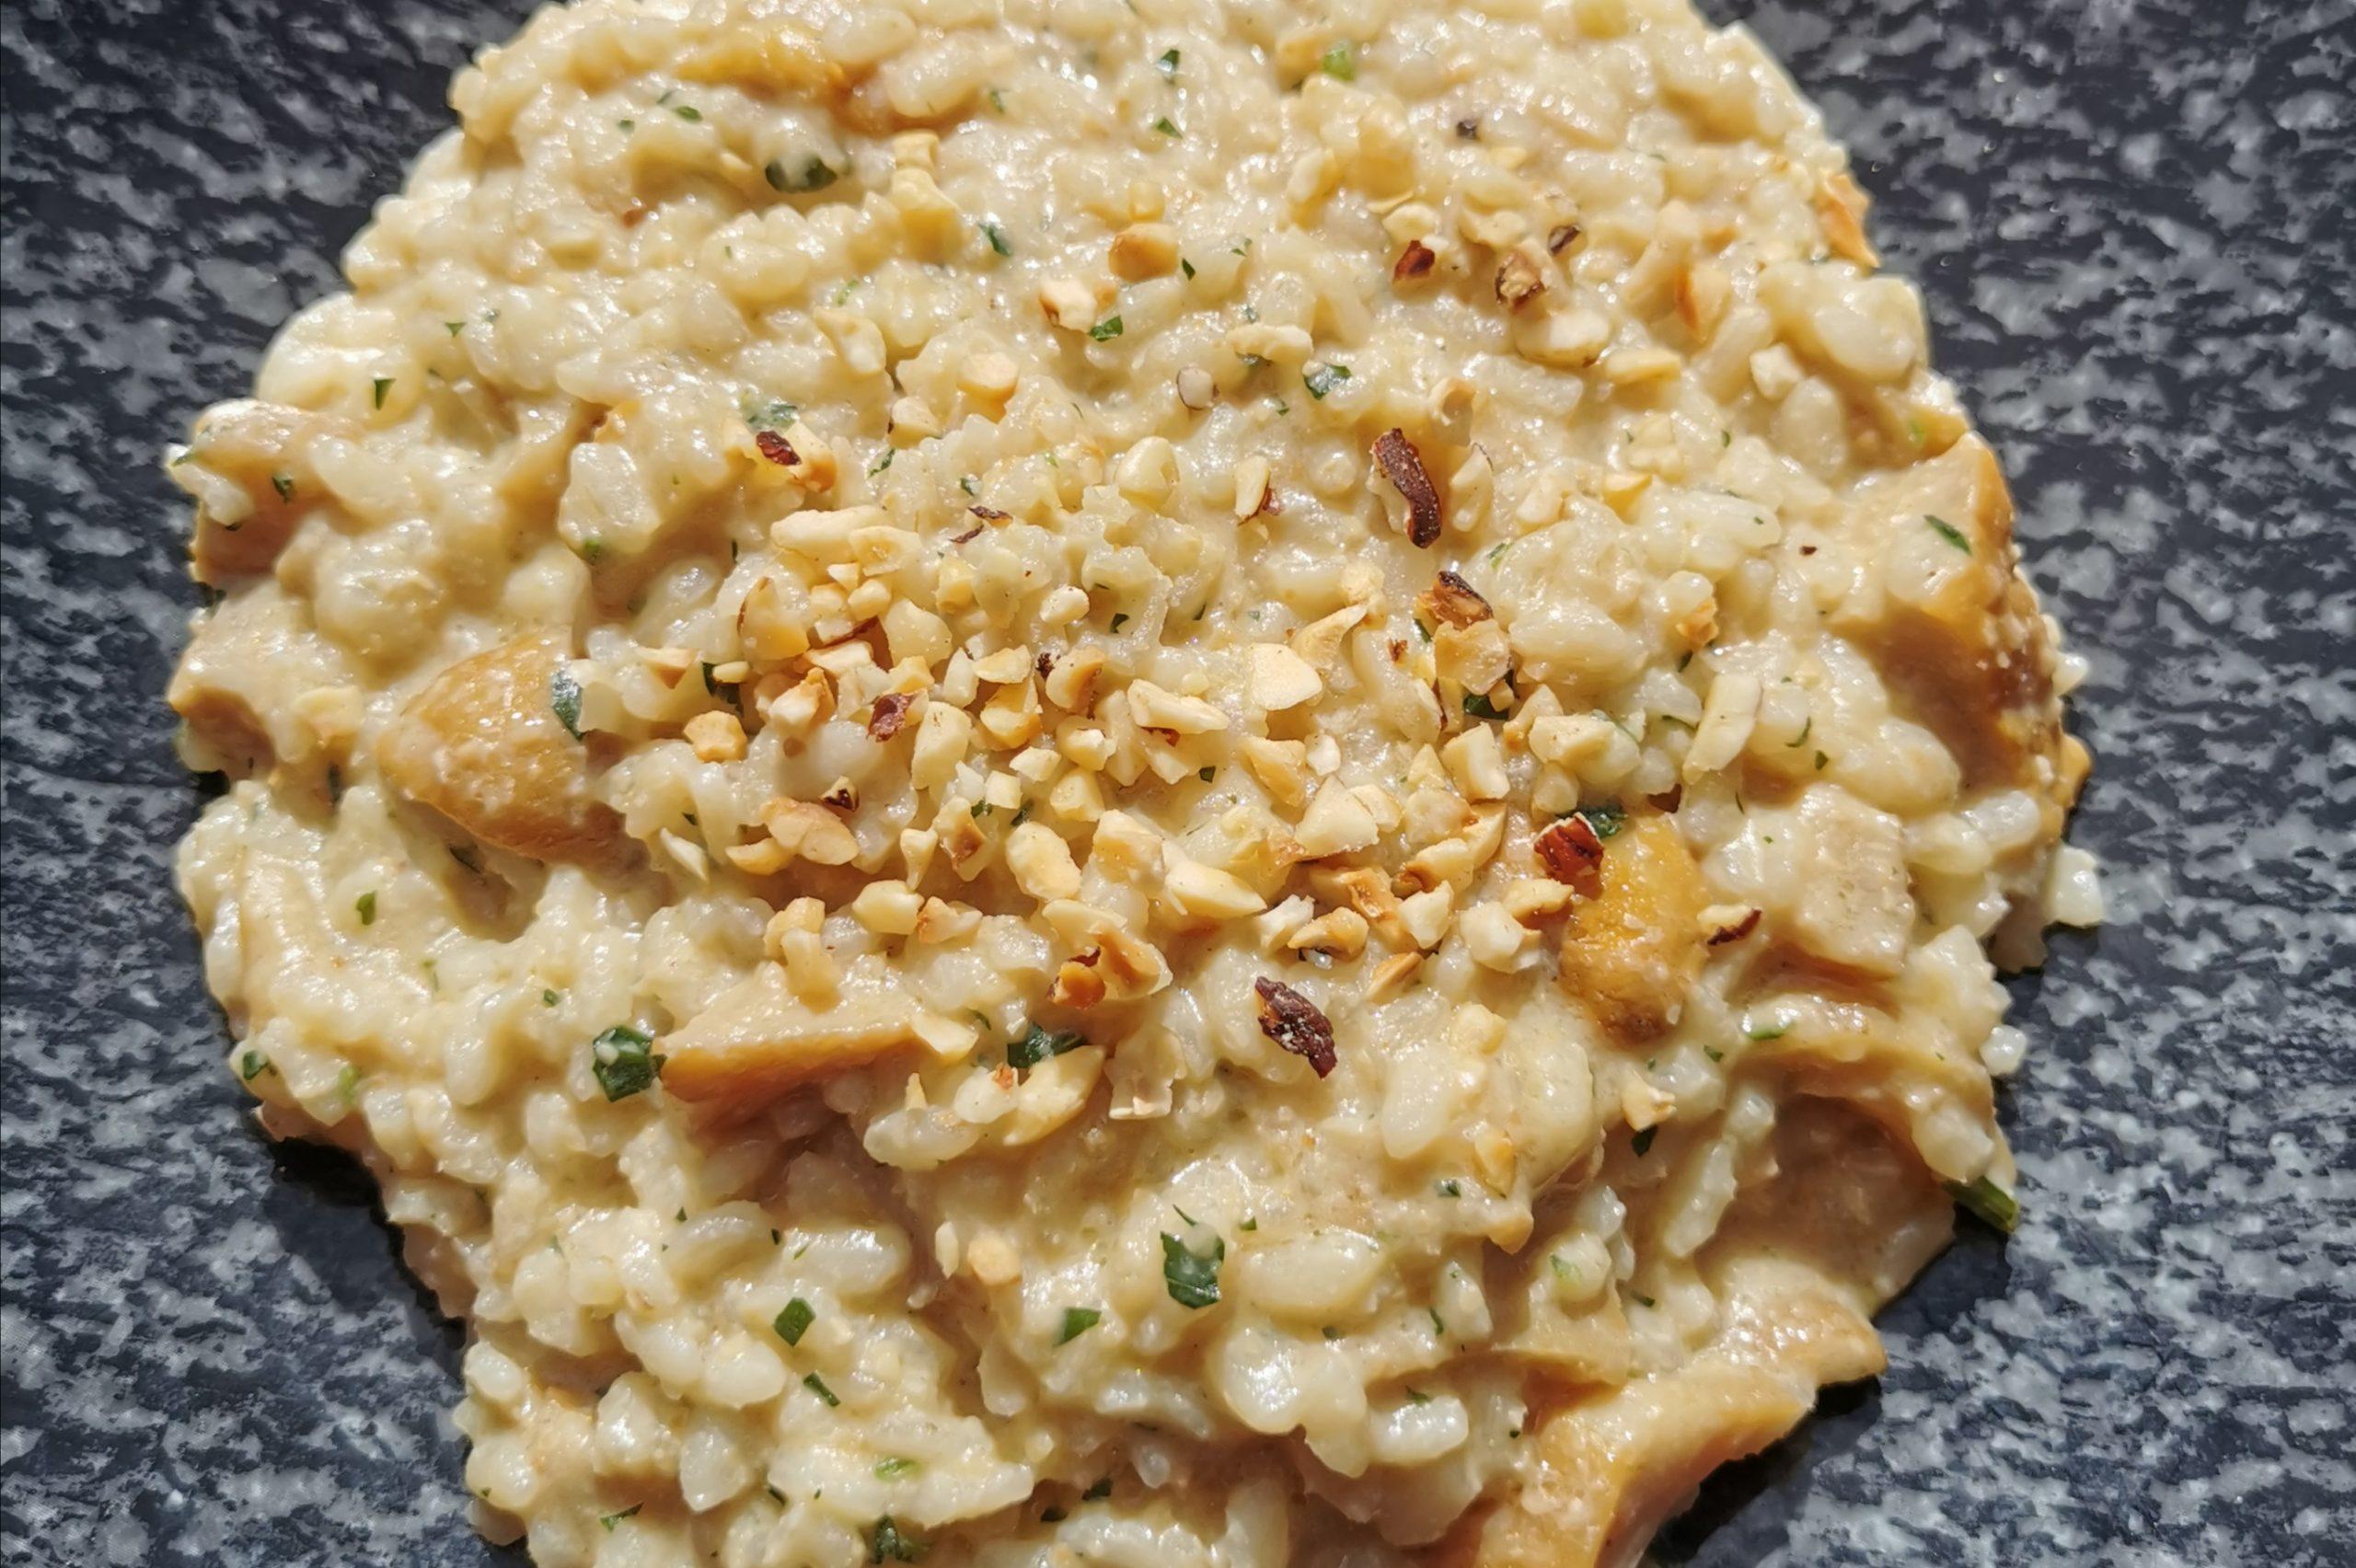 Risotto Carnaroli Bio Tenuta Castello ai funghi porcini, nocciole tostate, mantecato all'olio dello Chalet Gerard